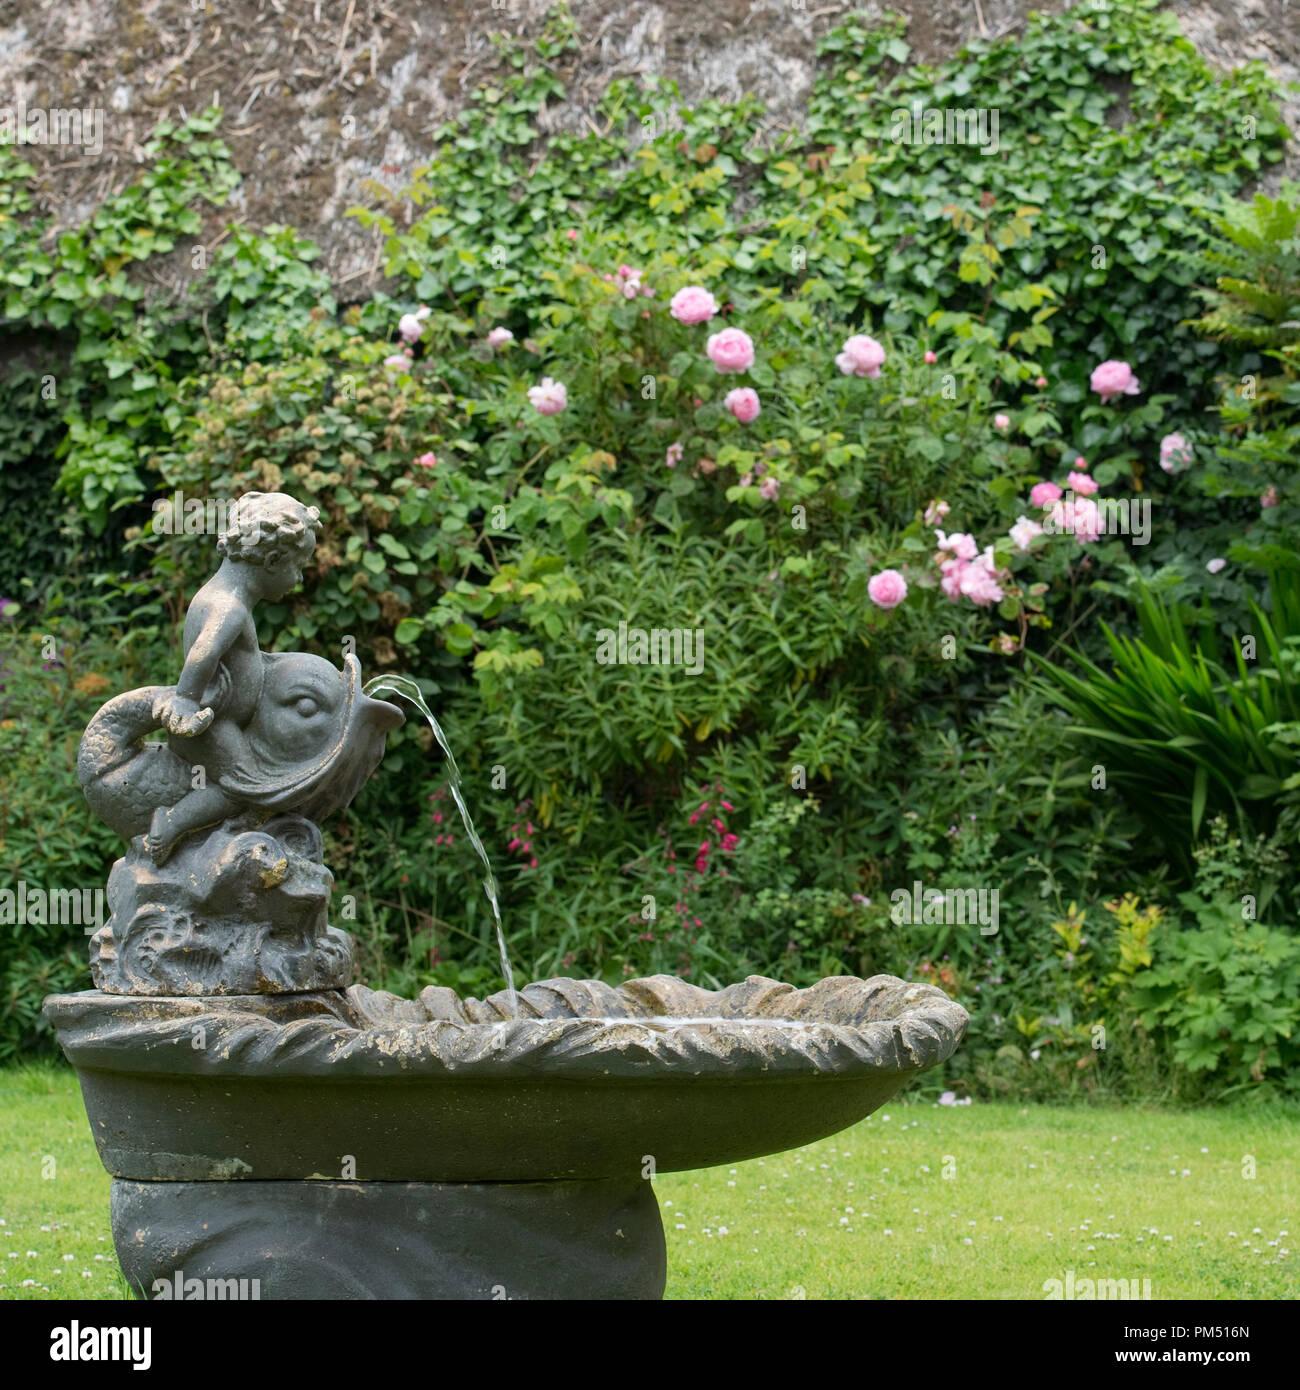 country garden fountain - Stock Image